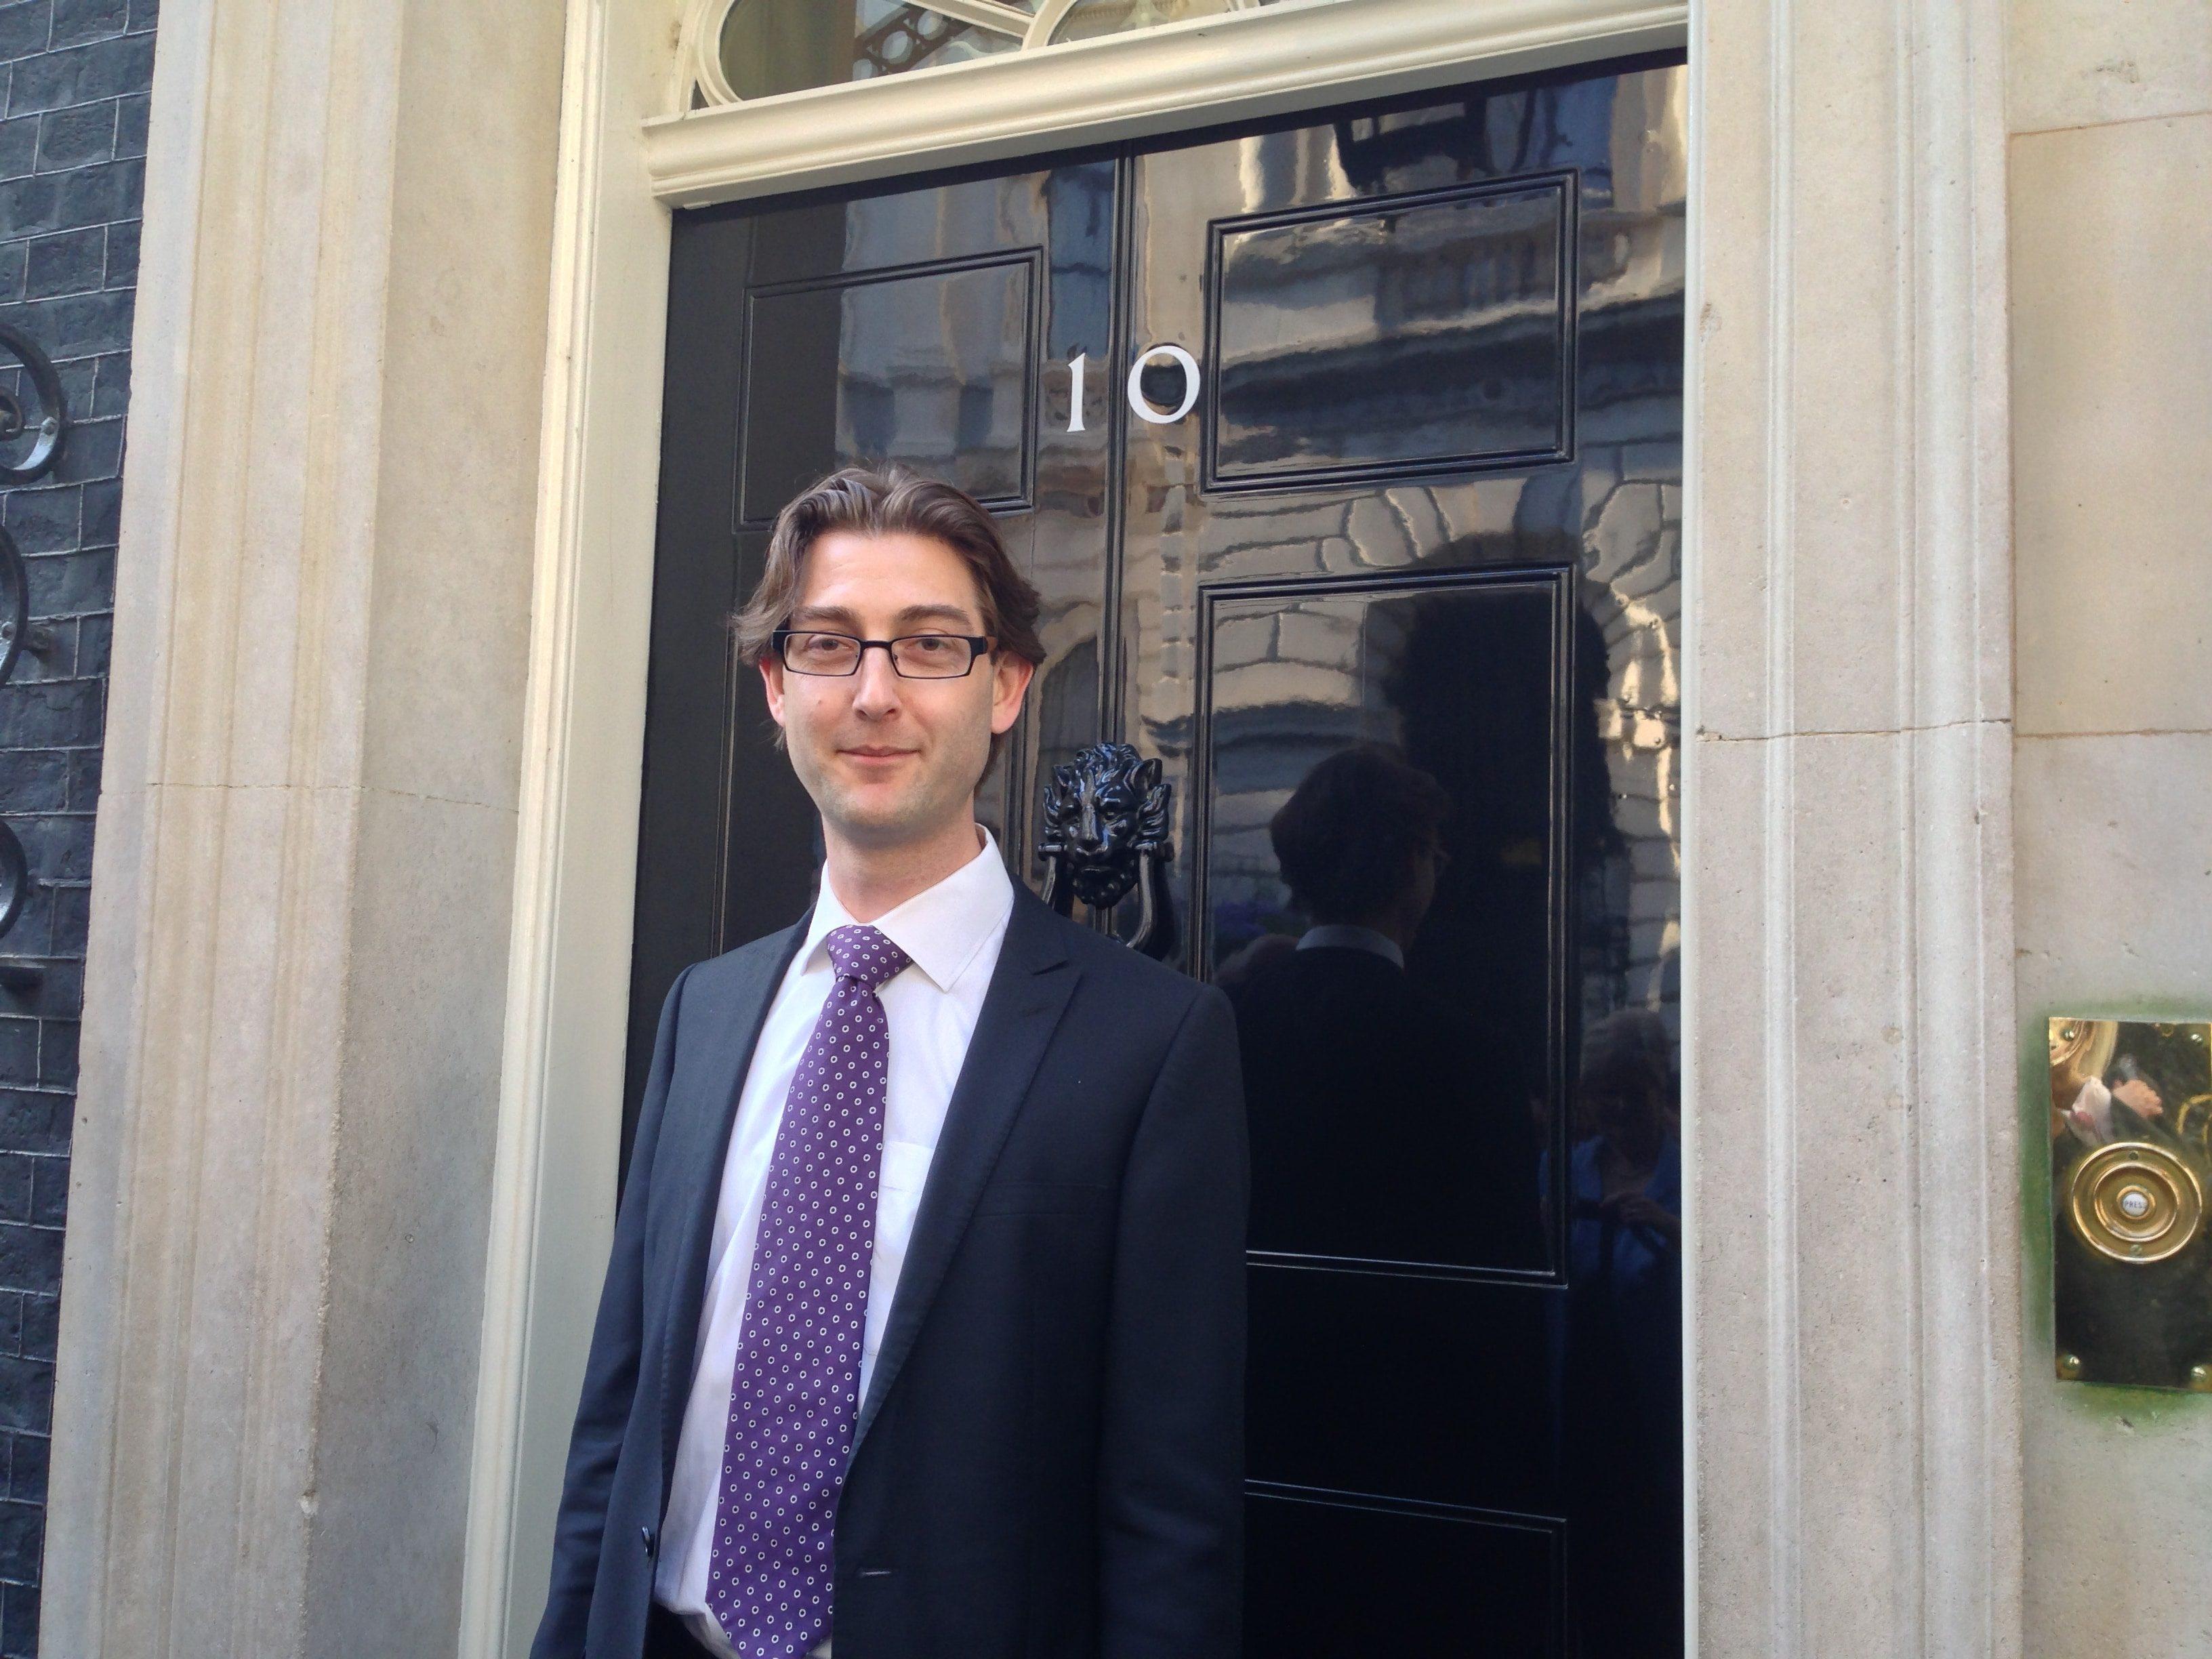 David Miles at 10 Downing Street